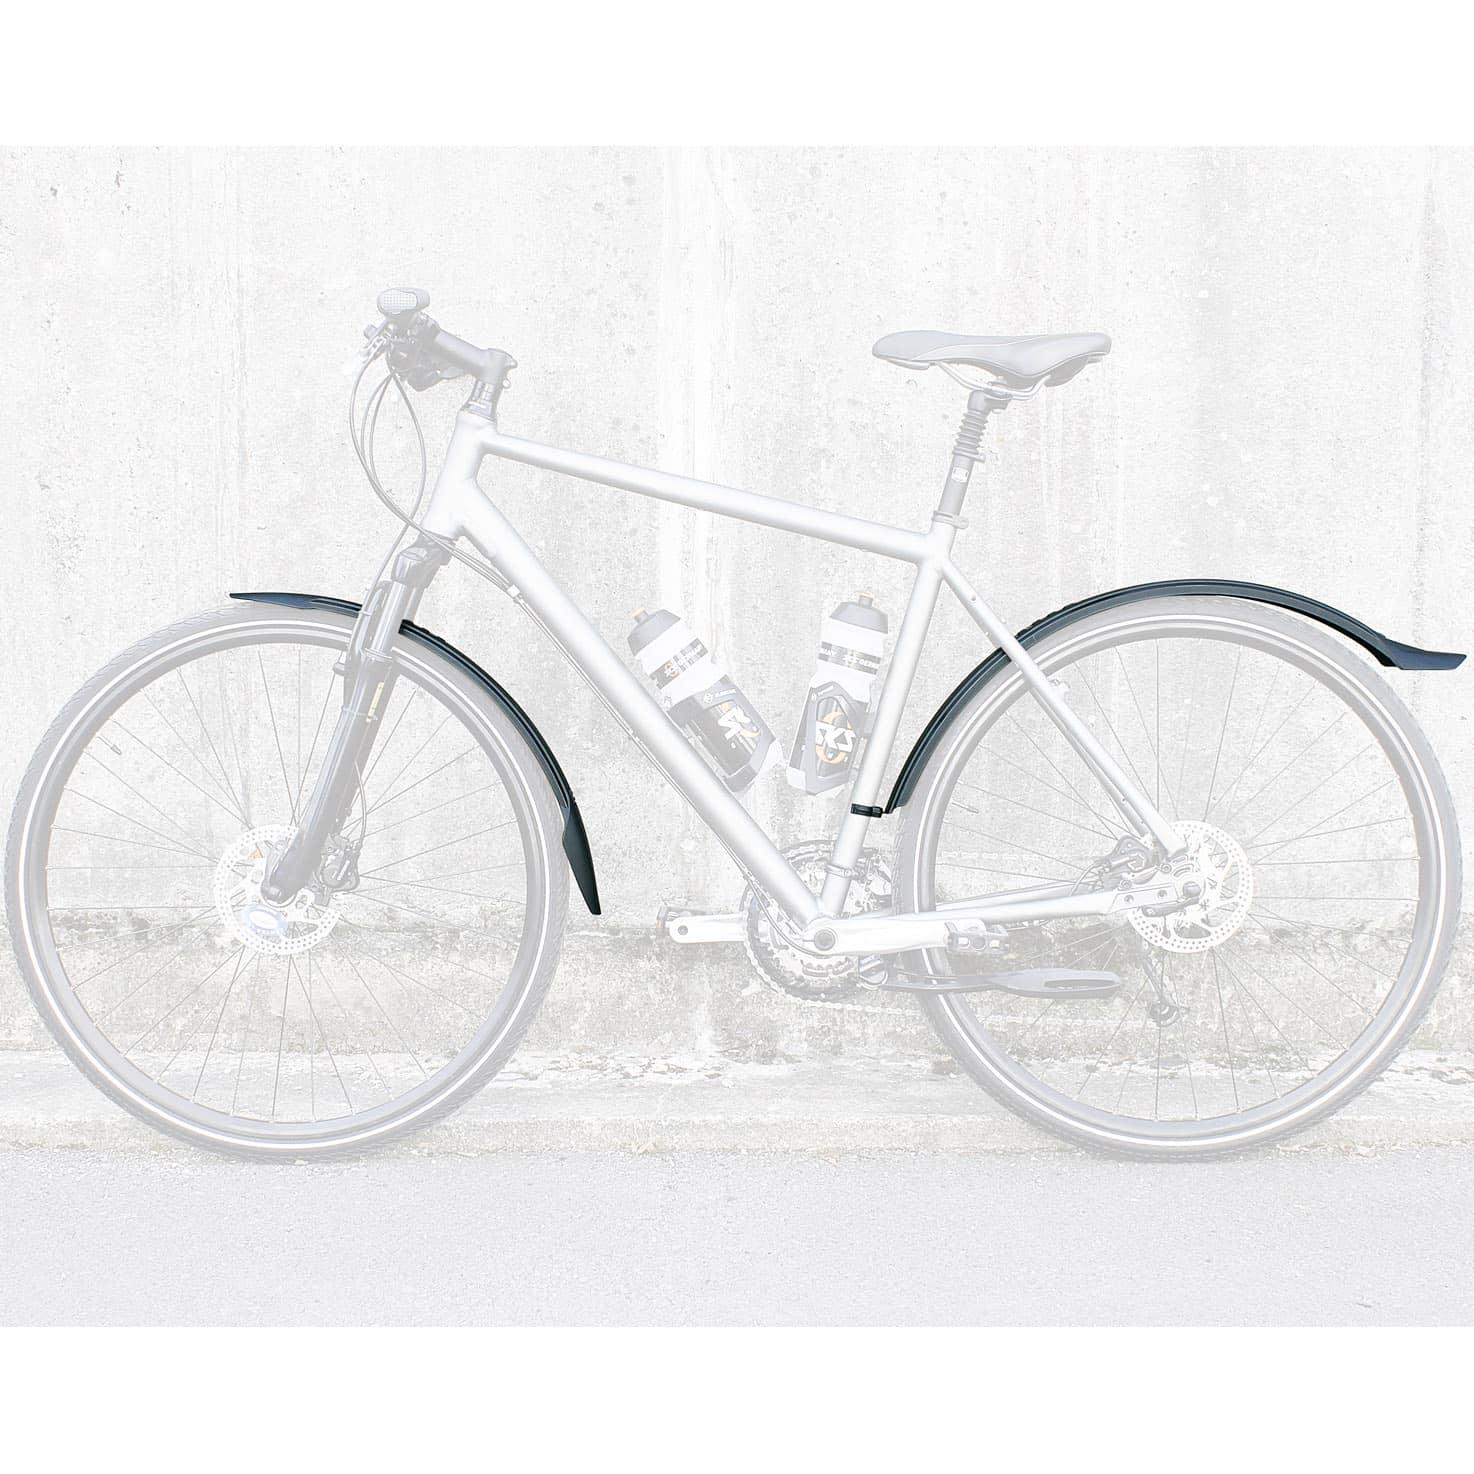 SKS Schutzblech Set Fahrrad Fahrradschutzblech Velo 47 Trekking 28 Zoll